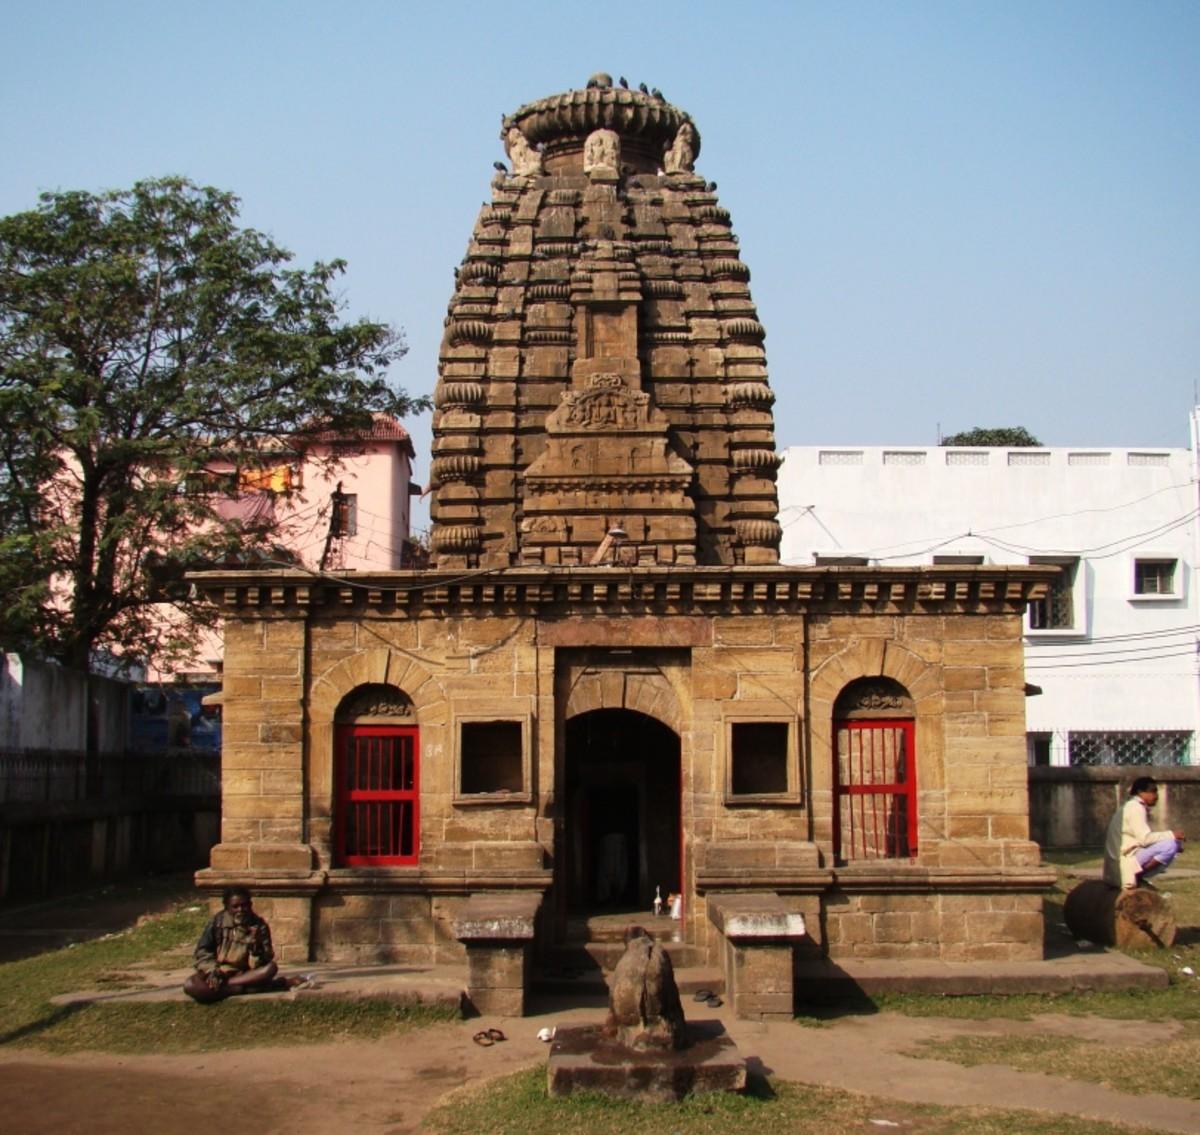 Temple no. 4